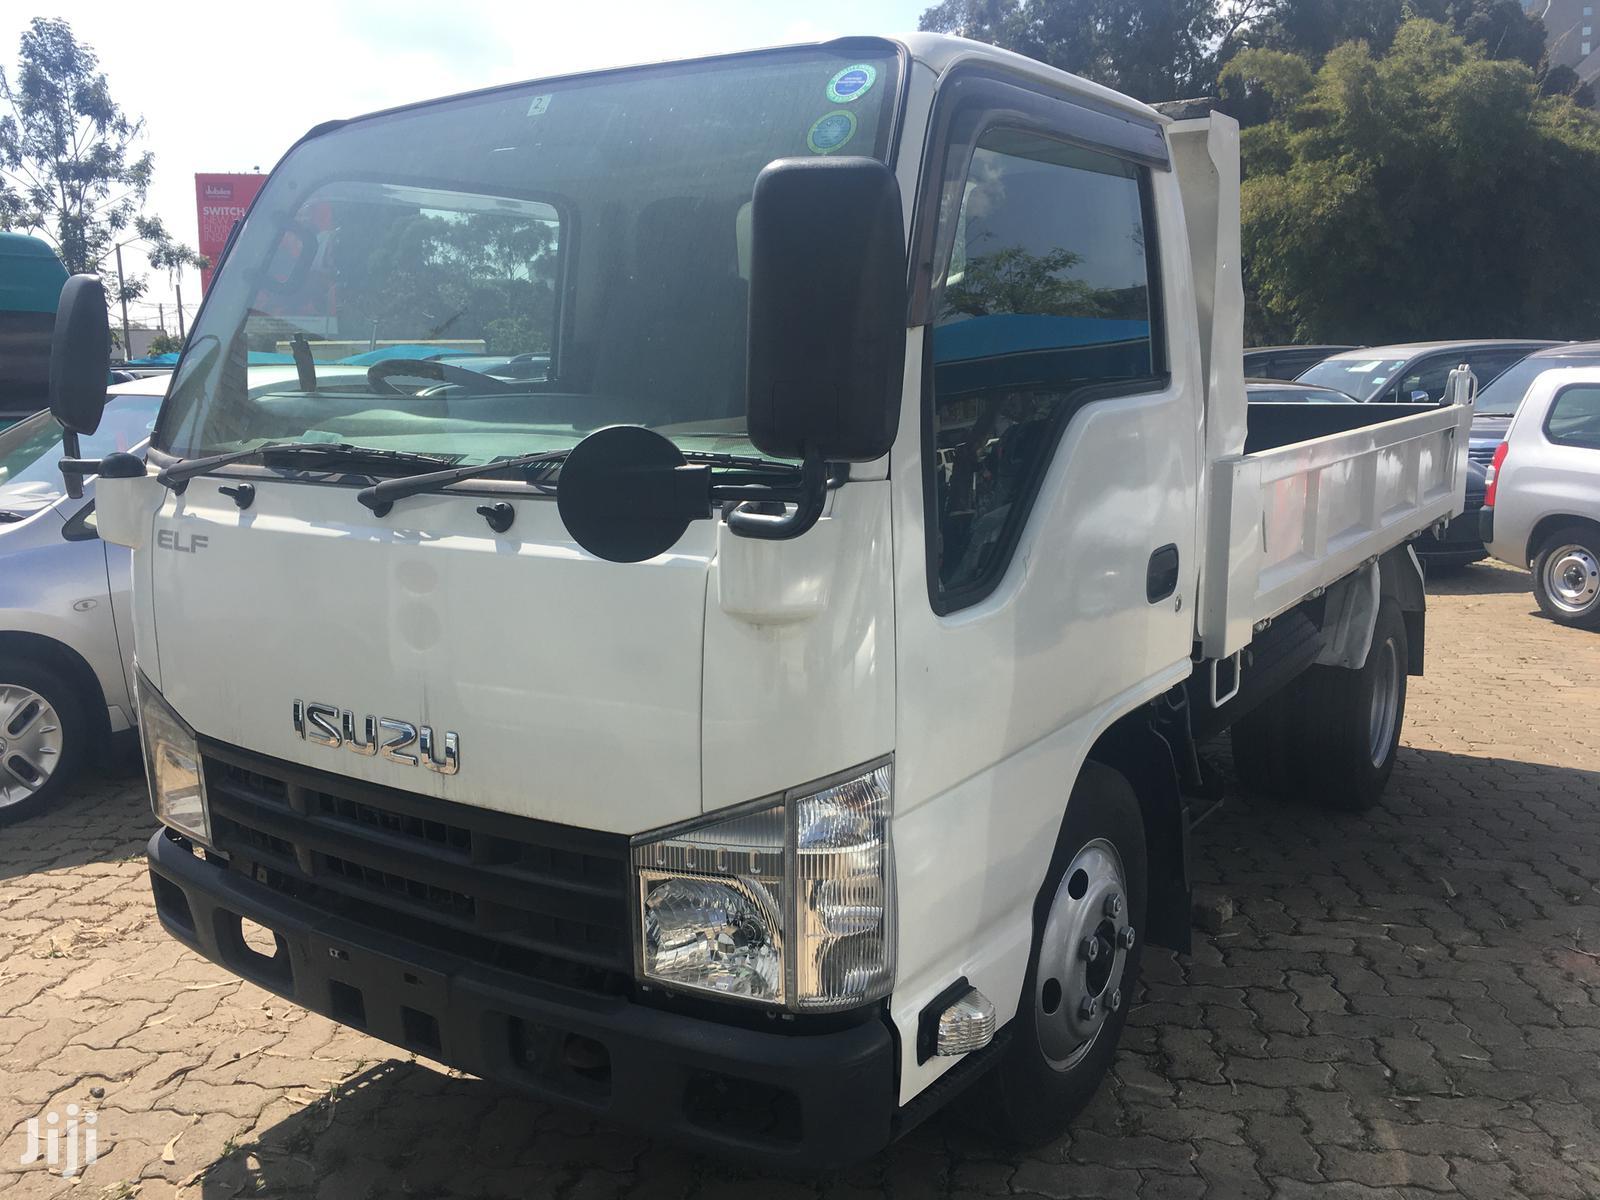 Isuzu Elf 3tn Tipper Manual Diesel